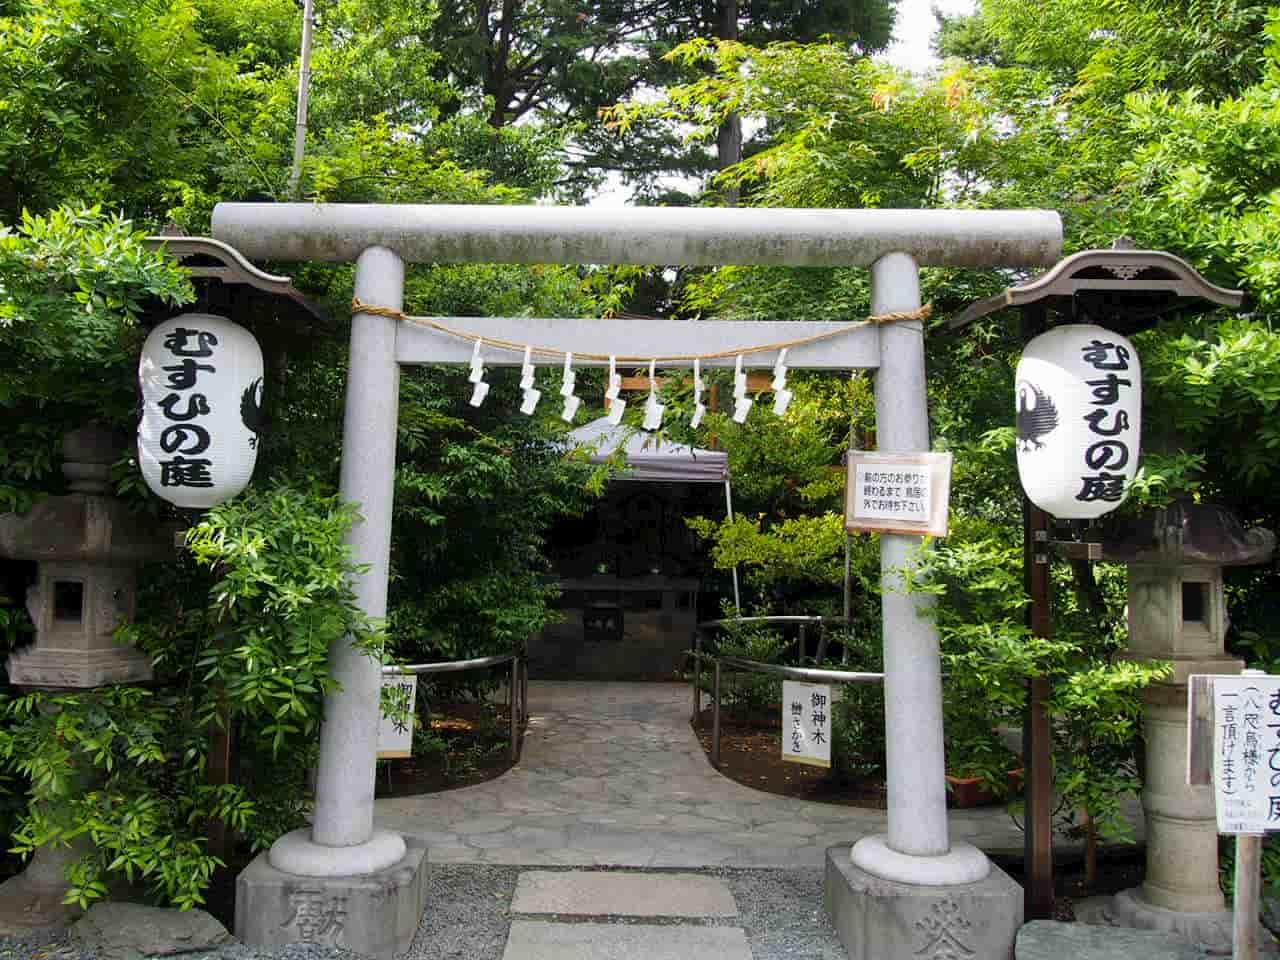 川越熊野神社の「むすひの庭」